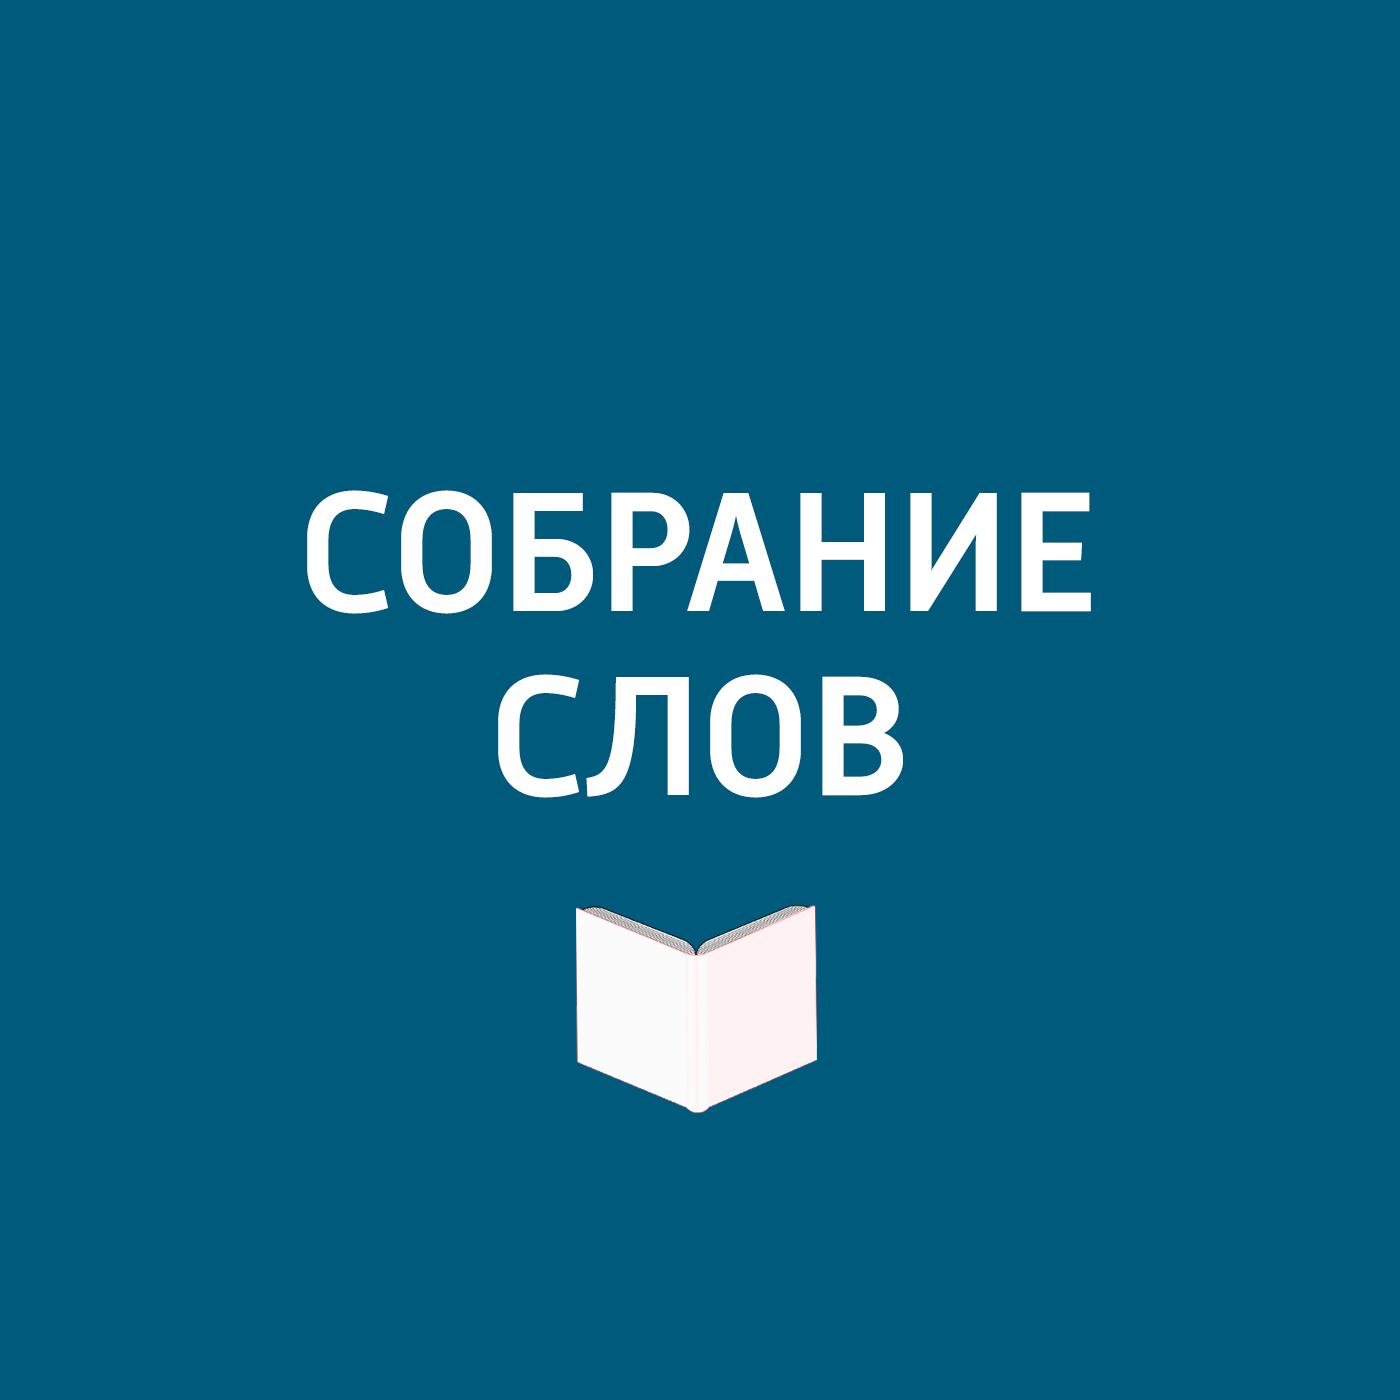 Творческий коллектив программы «Собрание слов» Большое интервью Светланы Варгузовой